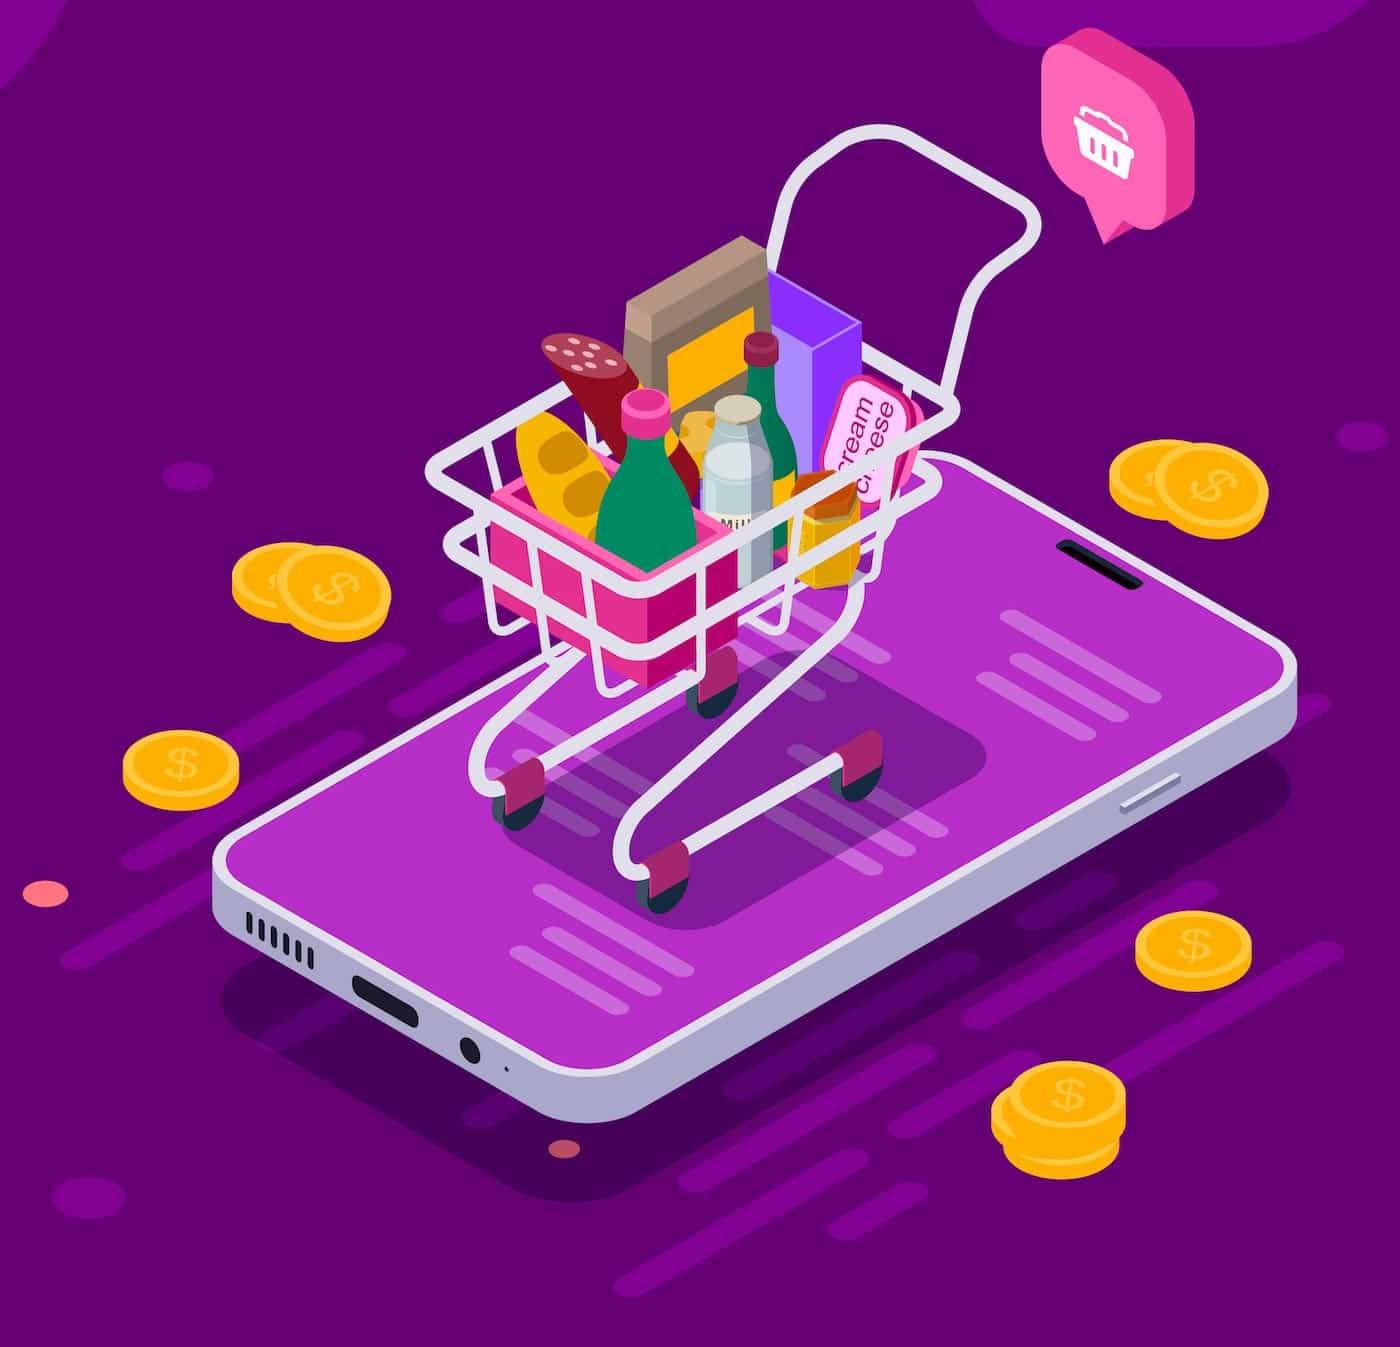 e-commerce per mobile